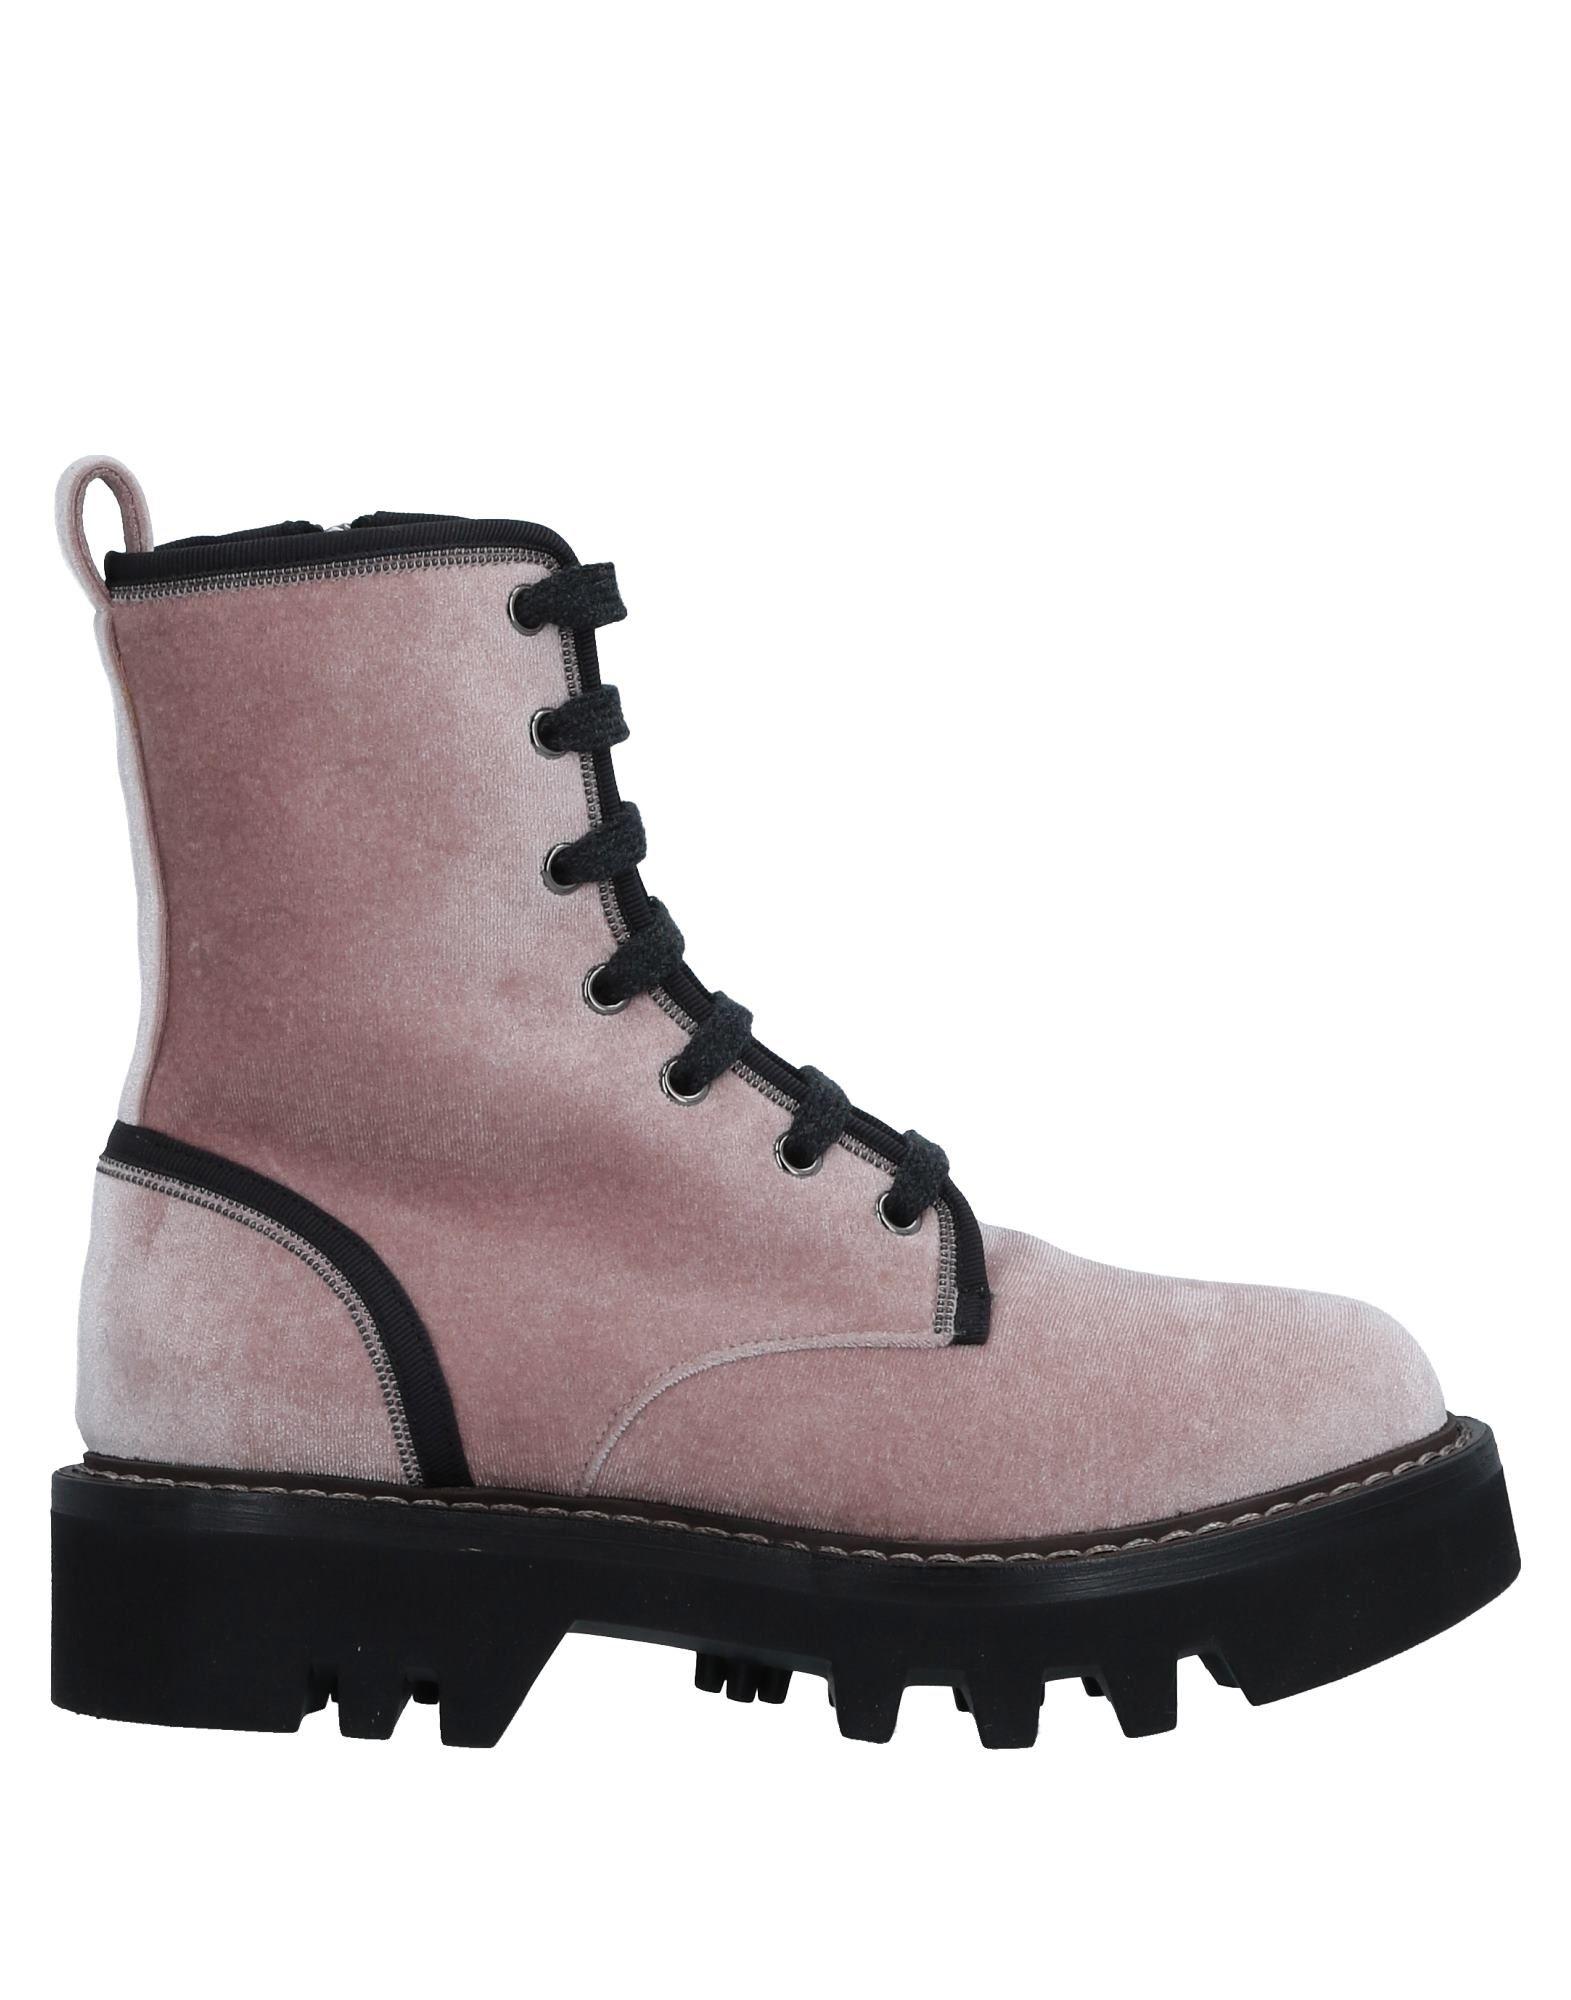 Brunello Cucinelli Stiefelette Damen  11515170NFGünstige gut aussehende Schuhe